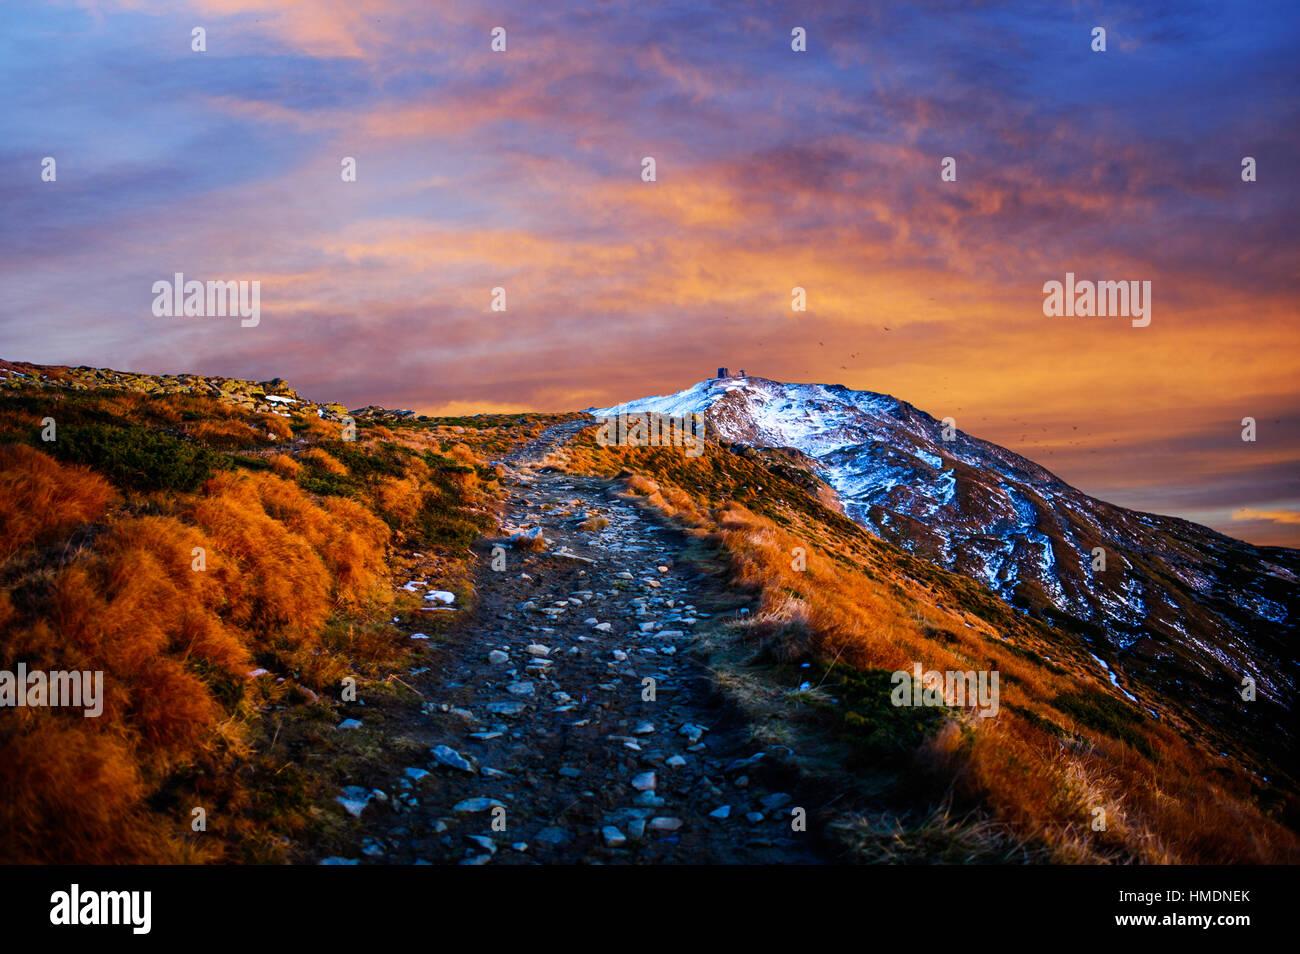 Magnifique coucher de soleil dans les montagnes de l'Ukraine Photo Stock